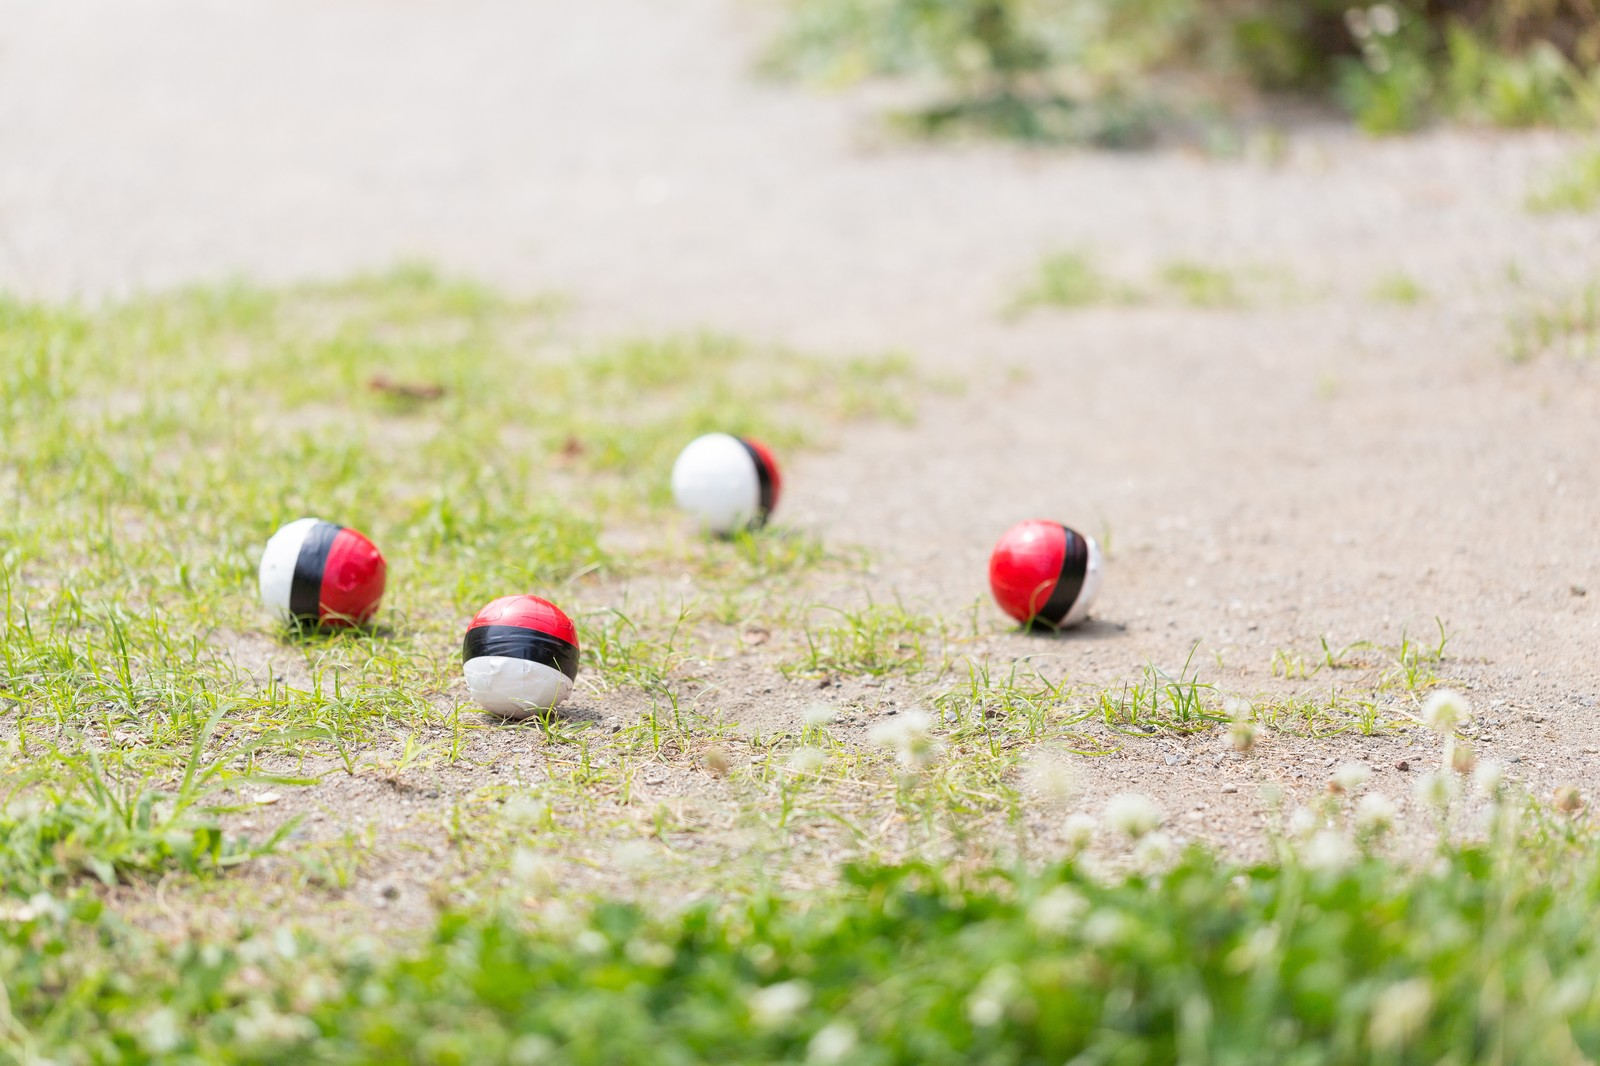 「友人に場所を知らせたら紅白ボールが集まった」の写真